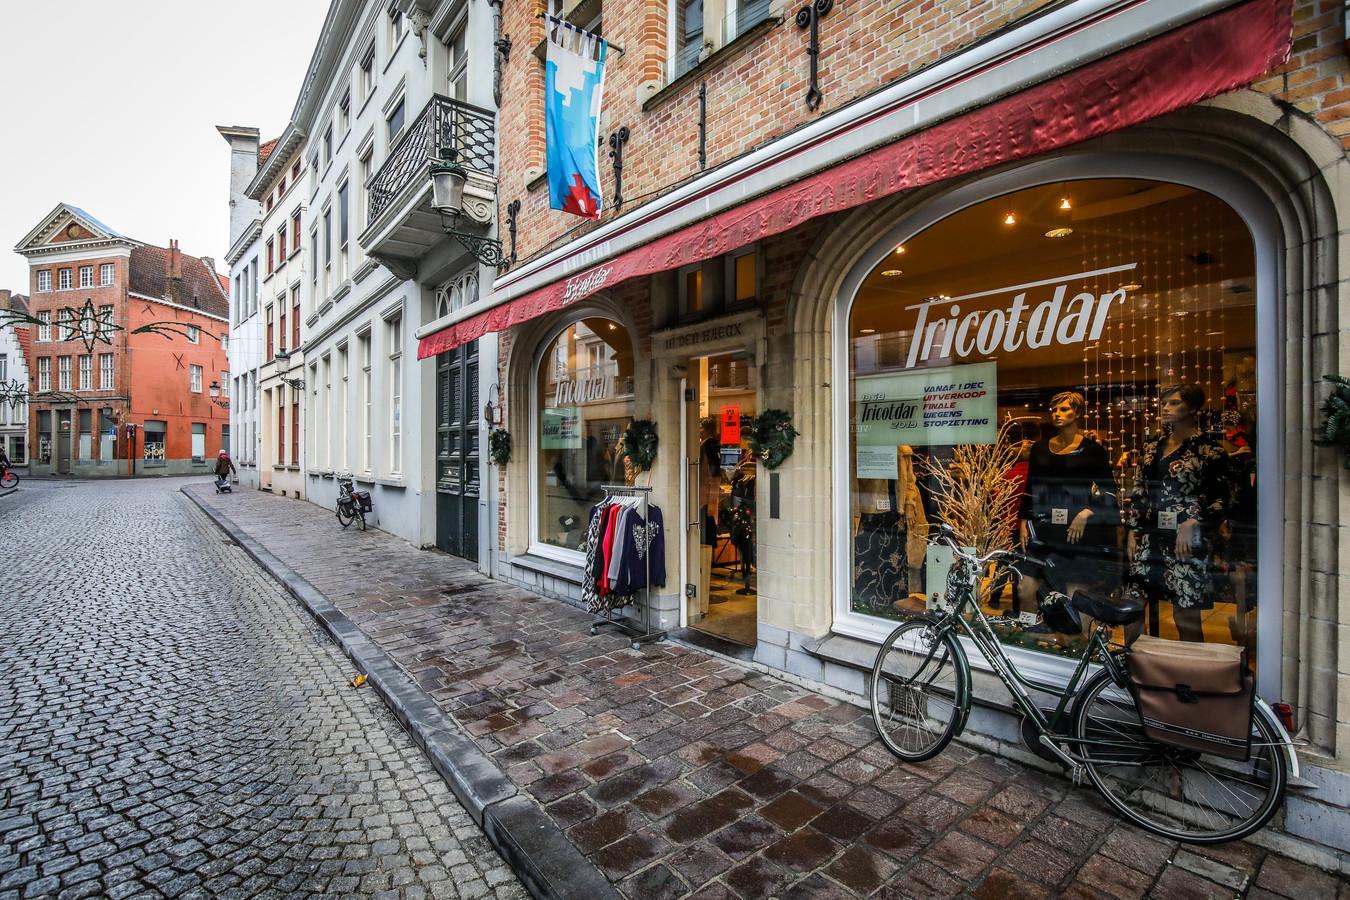 Tricotdar is een bekende naam in de Hoogstraat.